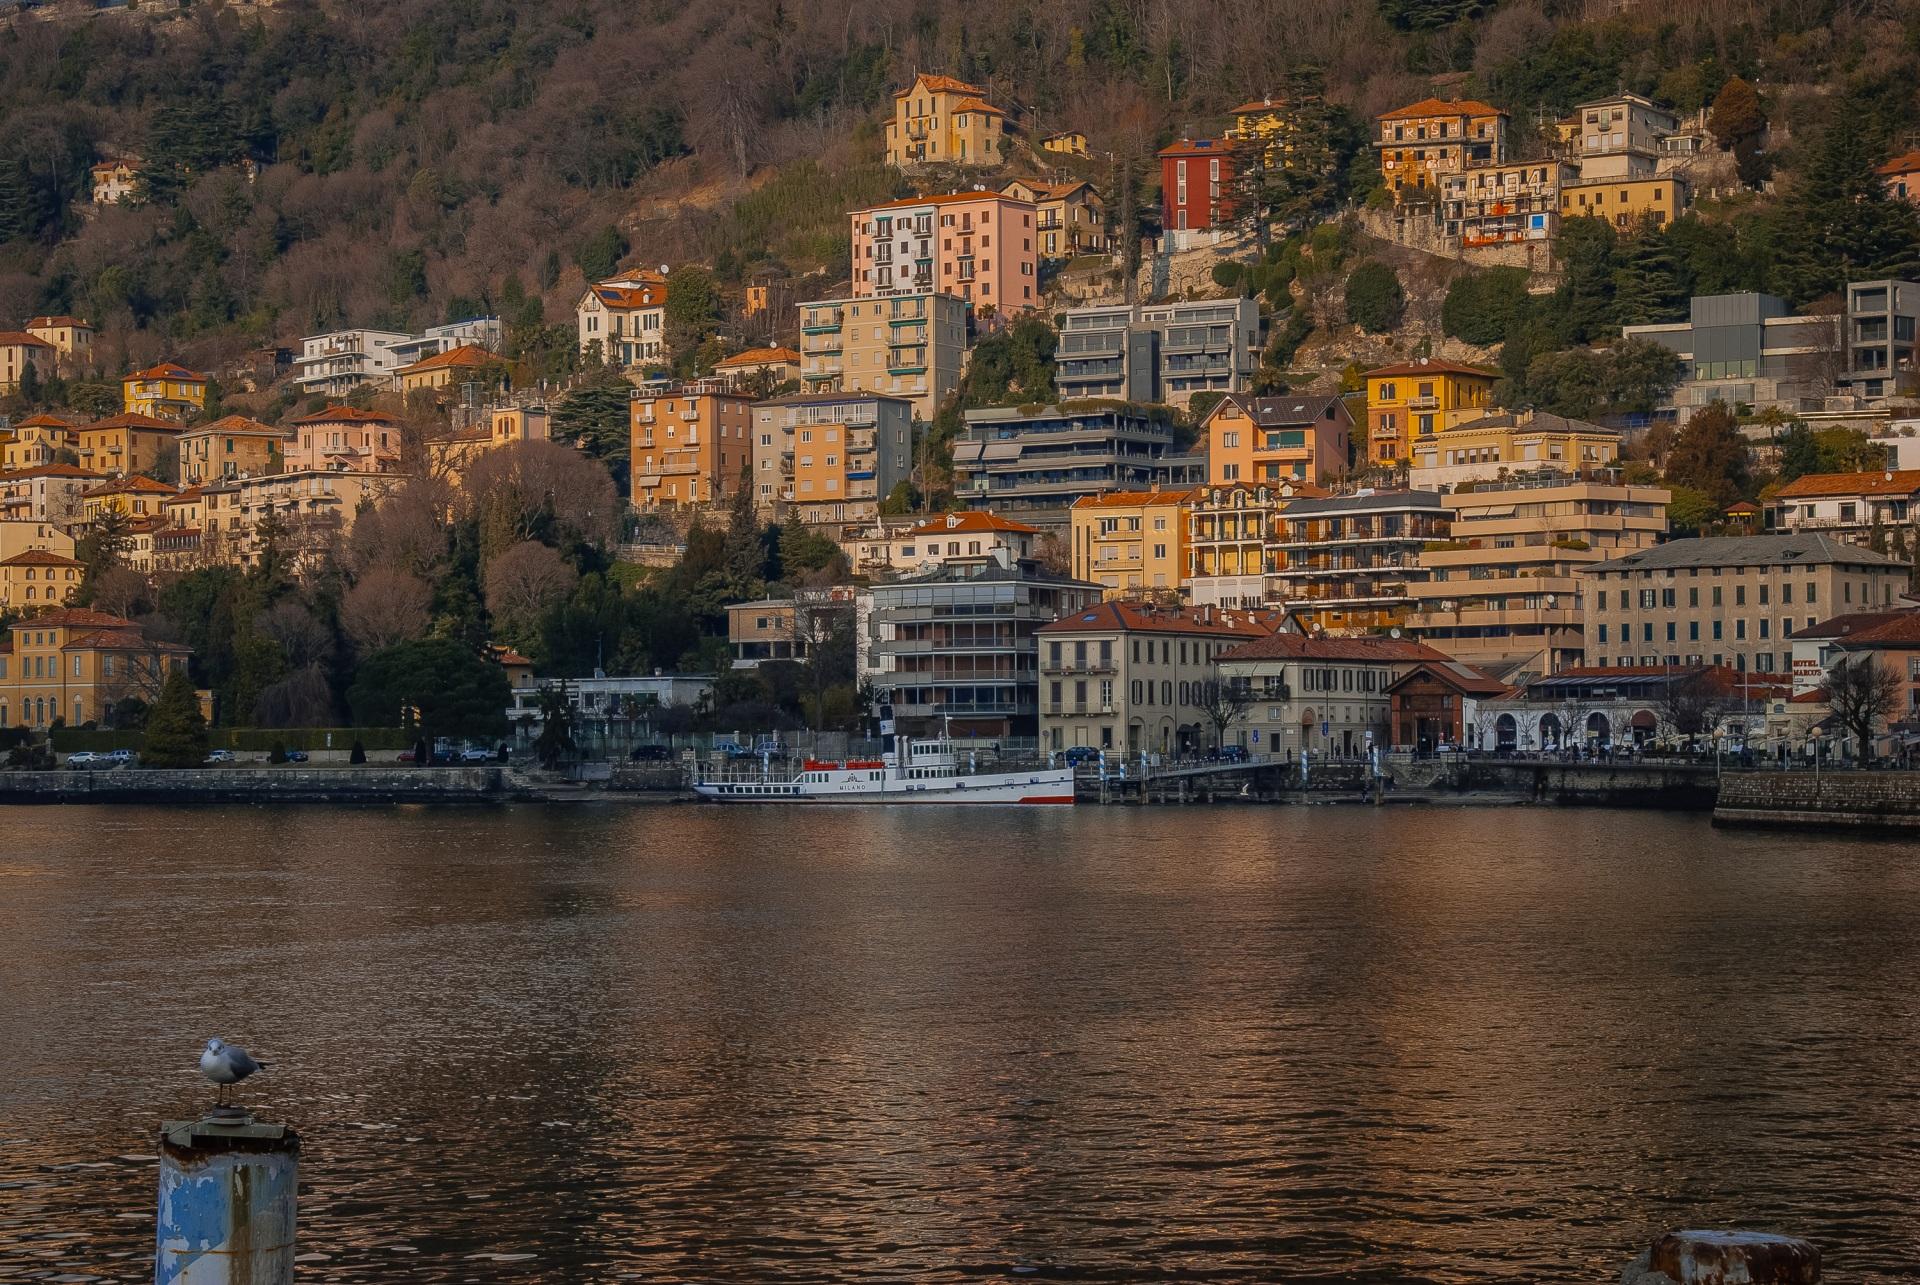 Обои для рабочего стола Италия Como Lombardy Озеро Причалы Города Здания 1920x1285 Пирсы Пристань Дома город